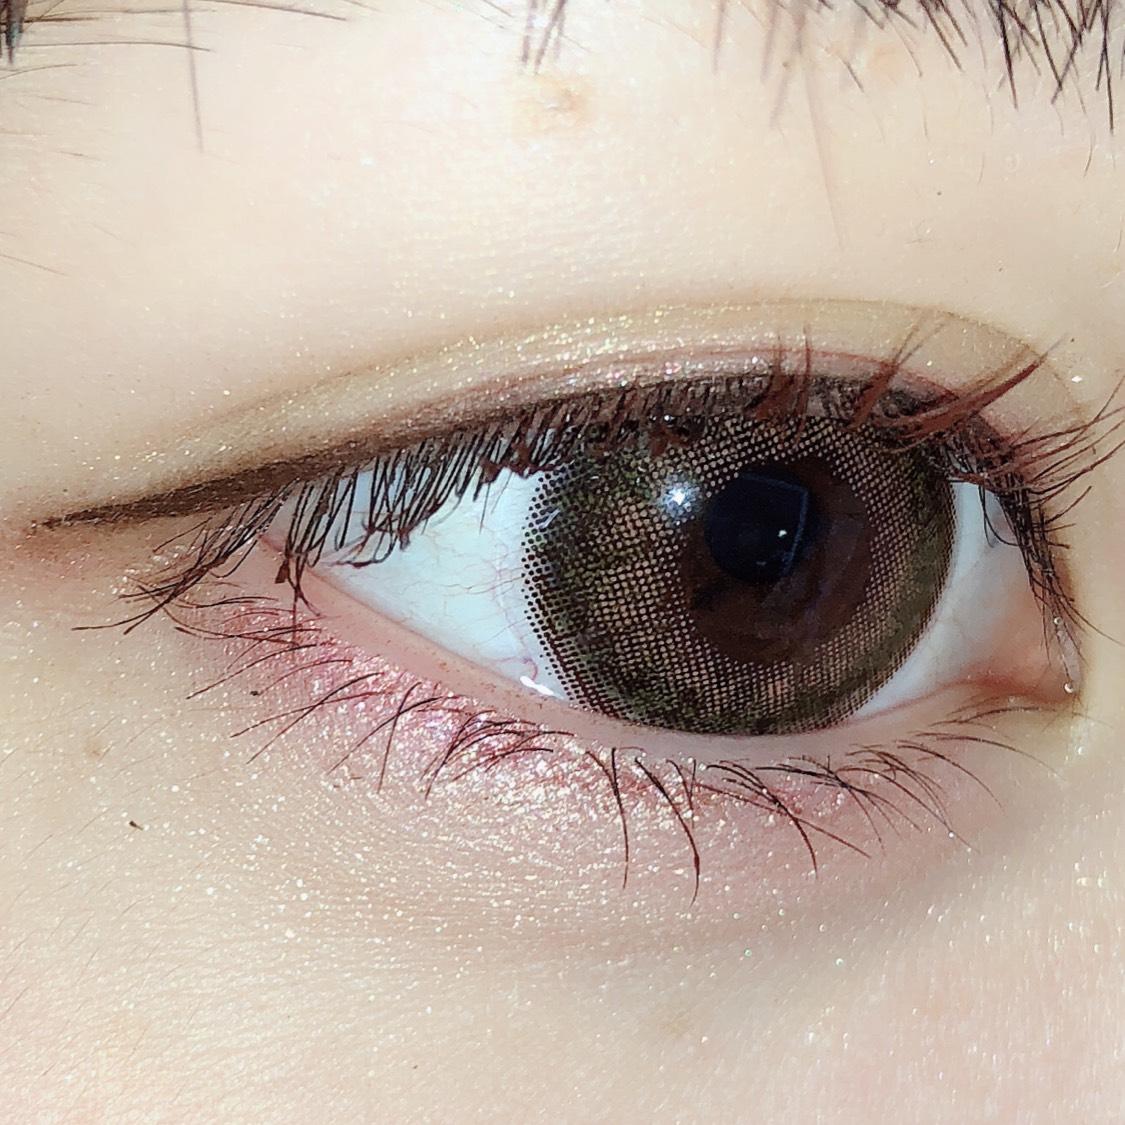 目の粘膜をしっかりアイライナーで埋めたら、垂れ目になるように目尻のラインを引きます